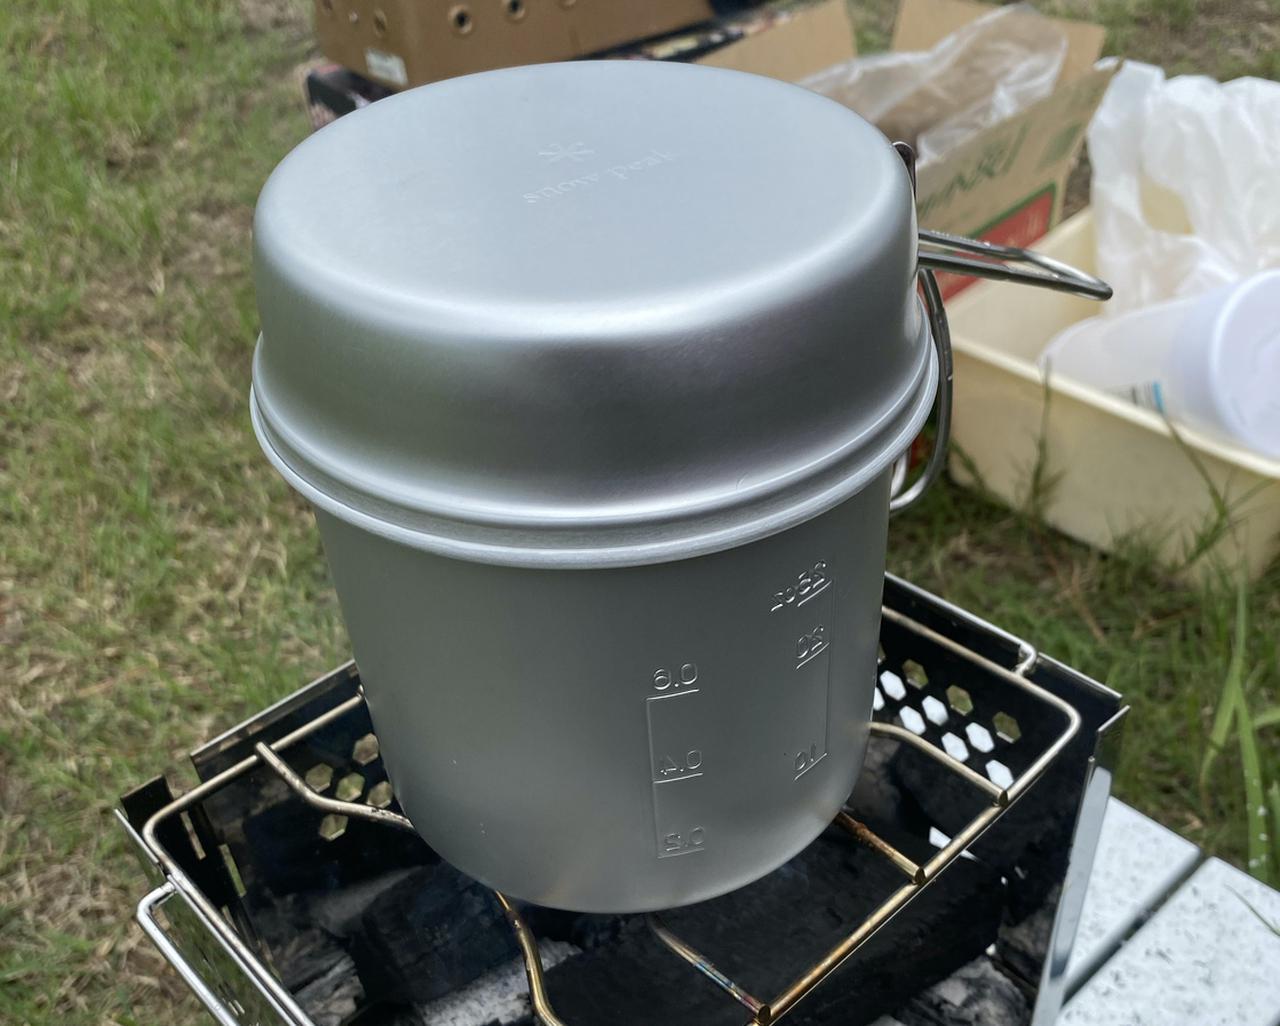 画像: キャプテンスタッグ 丸型ハンゴー 4合炊き M-5546